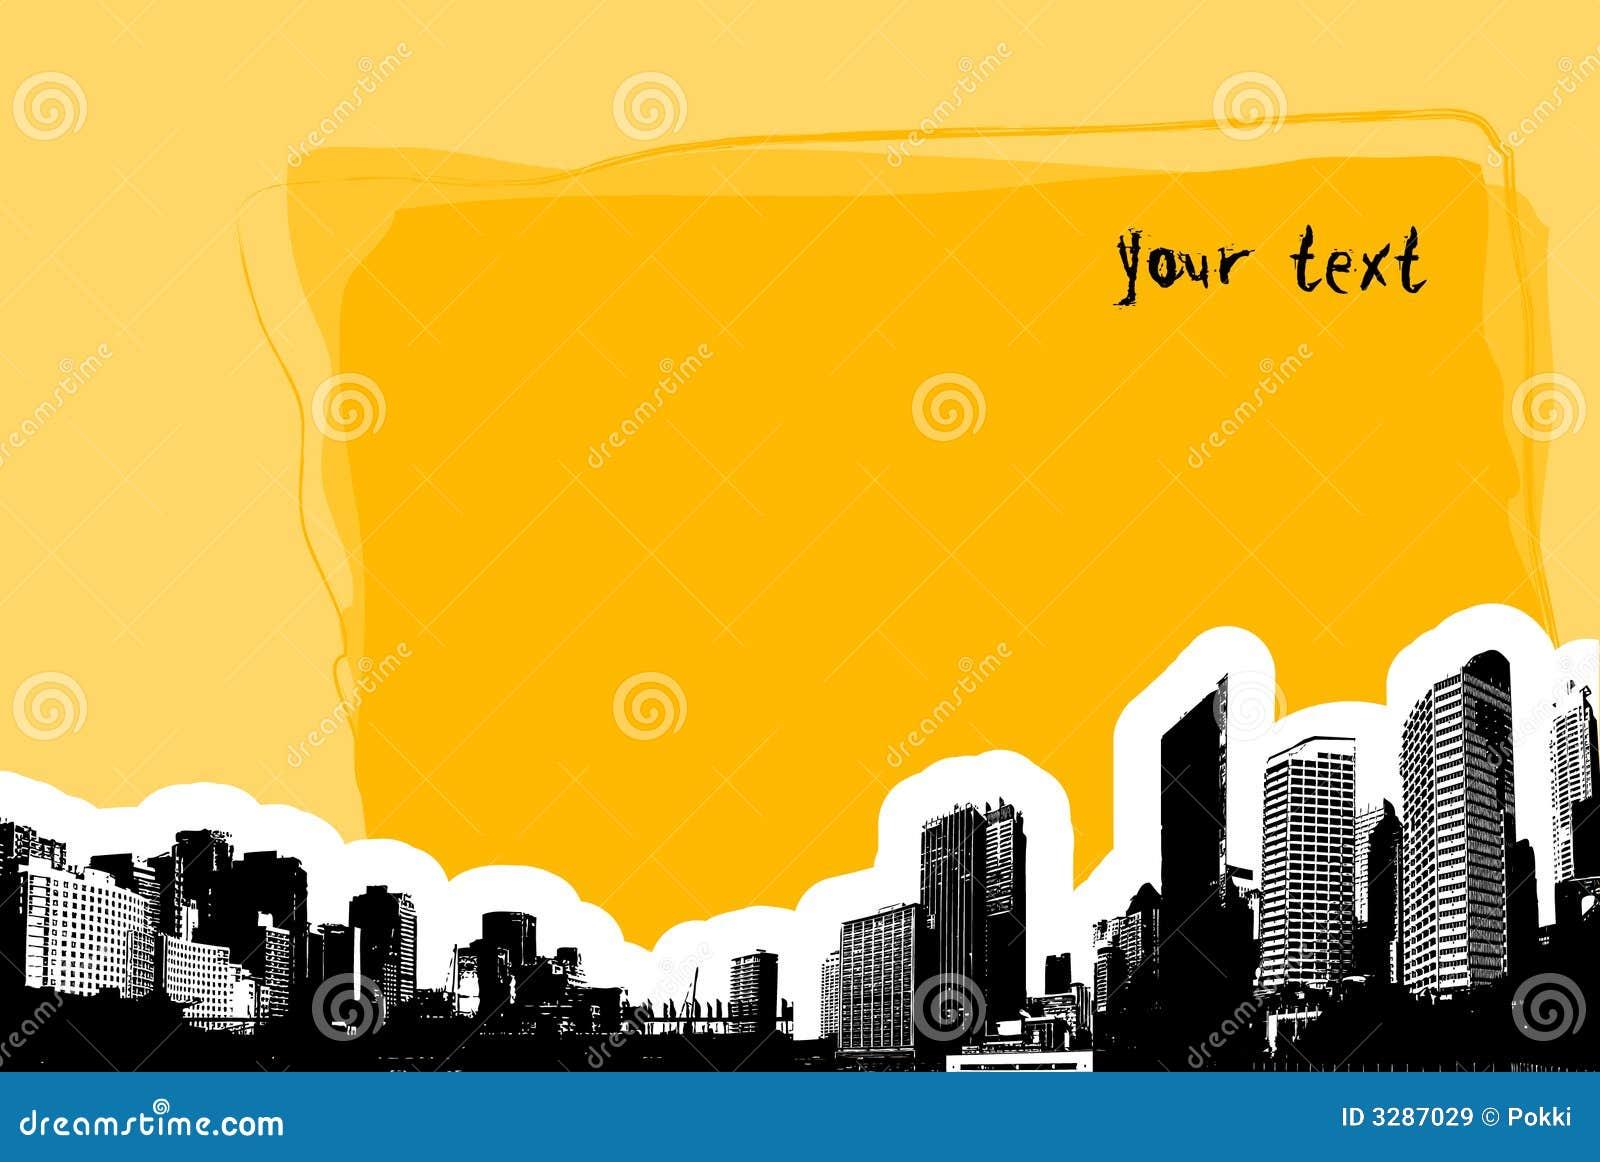 Tarjeta amarilla con la ciudad. Vector